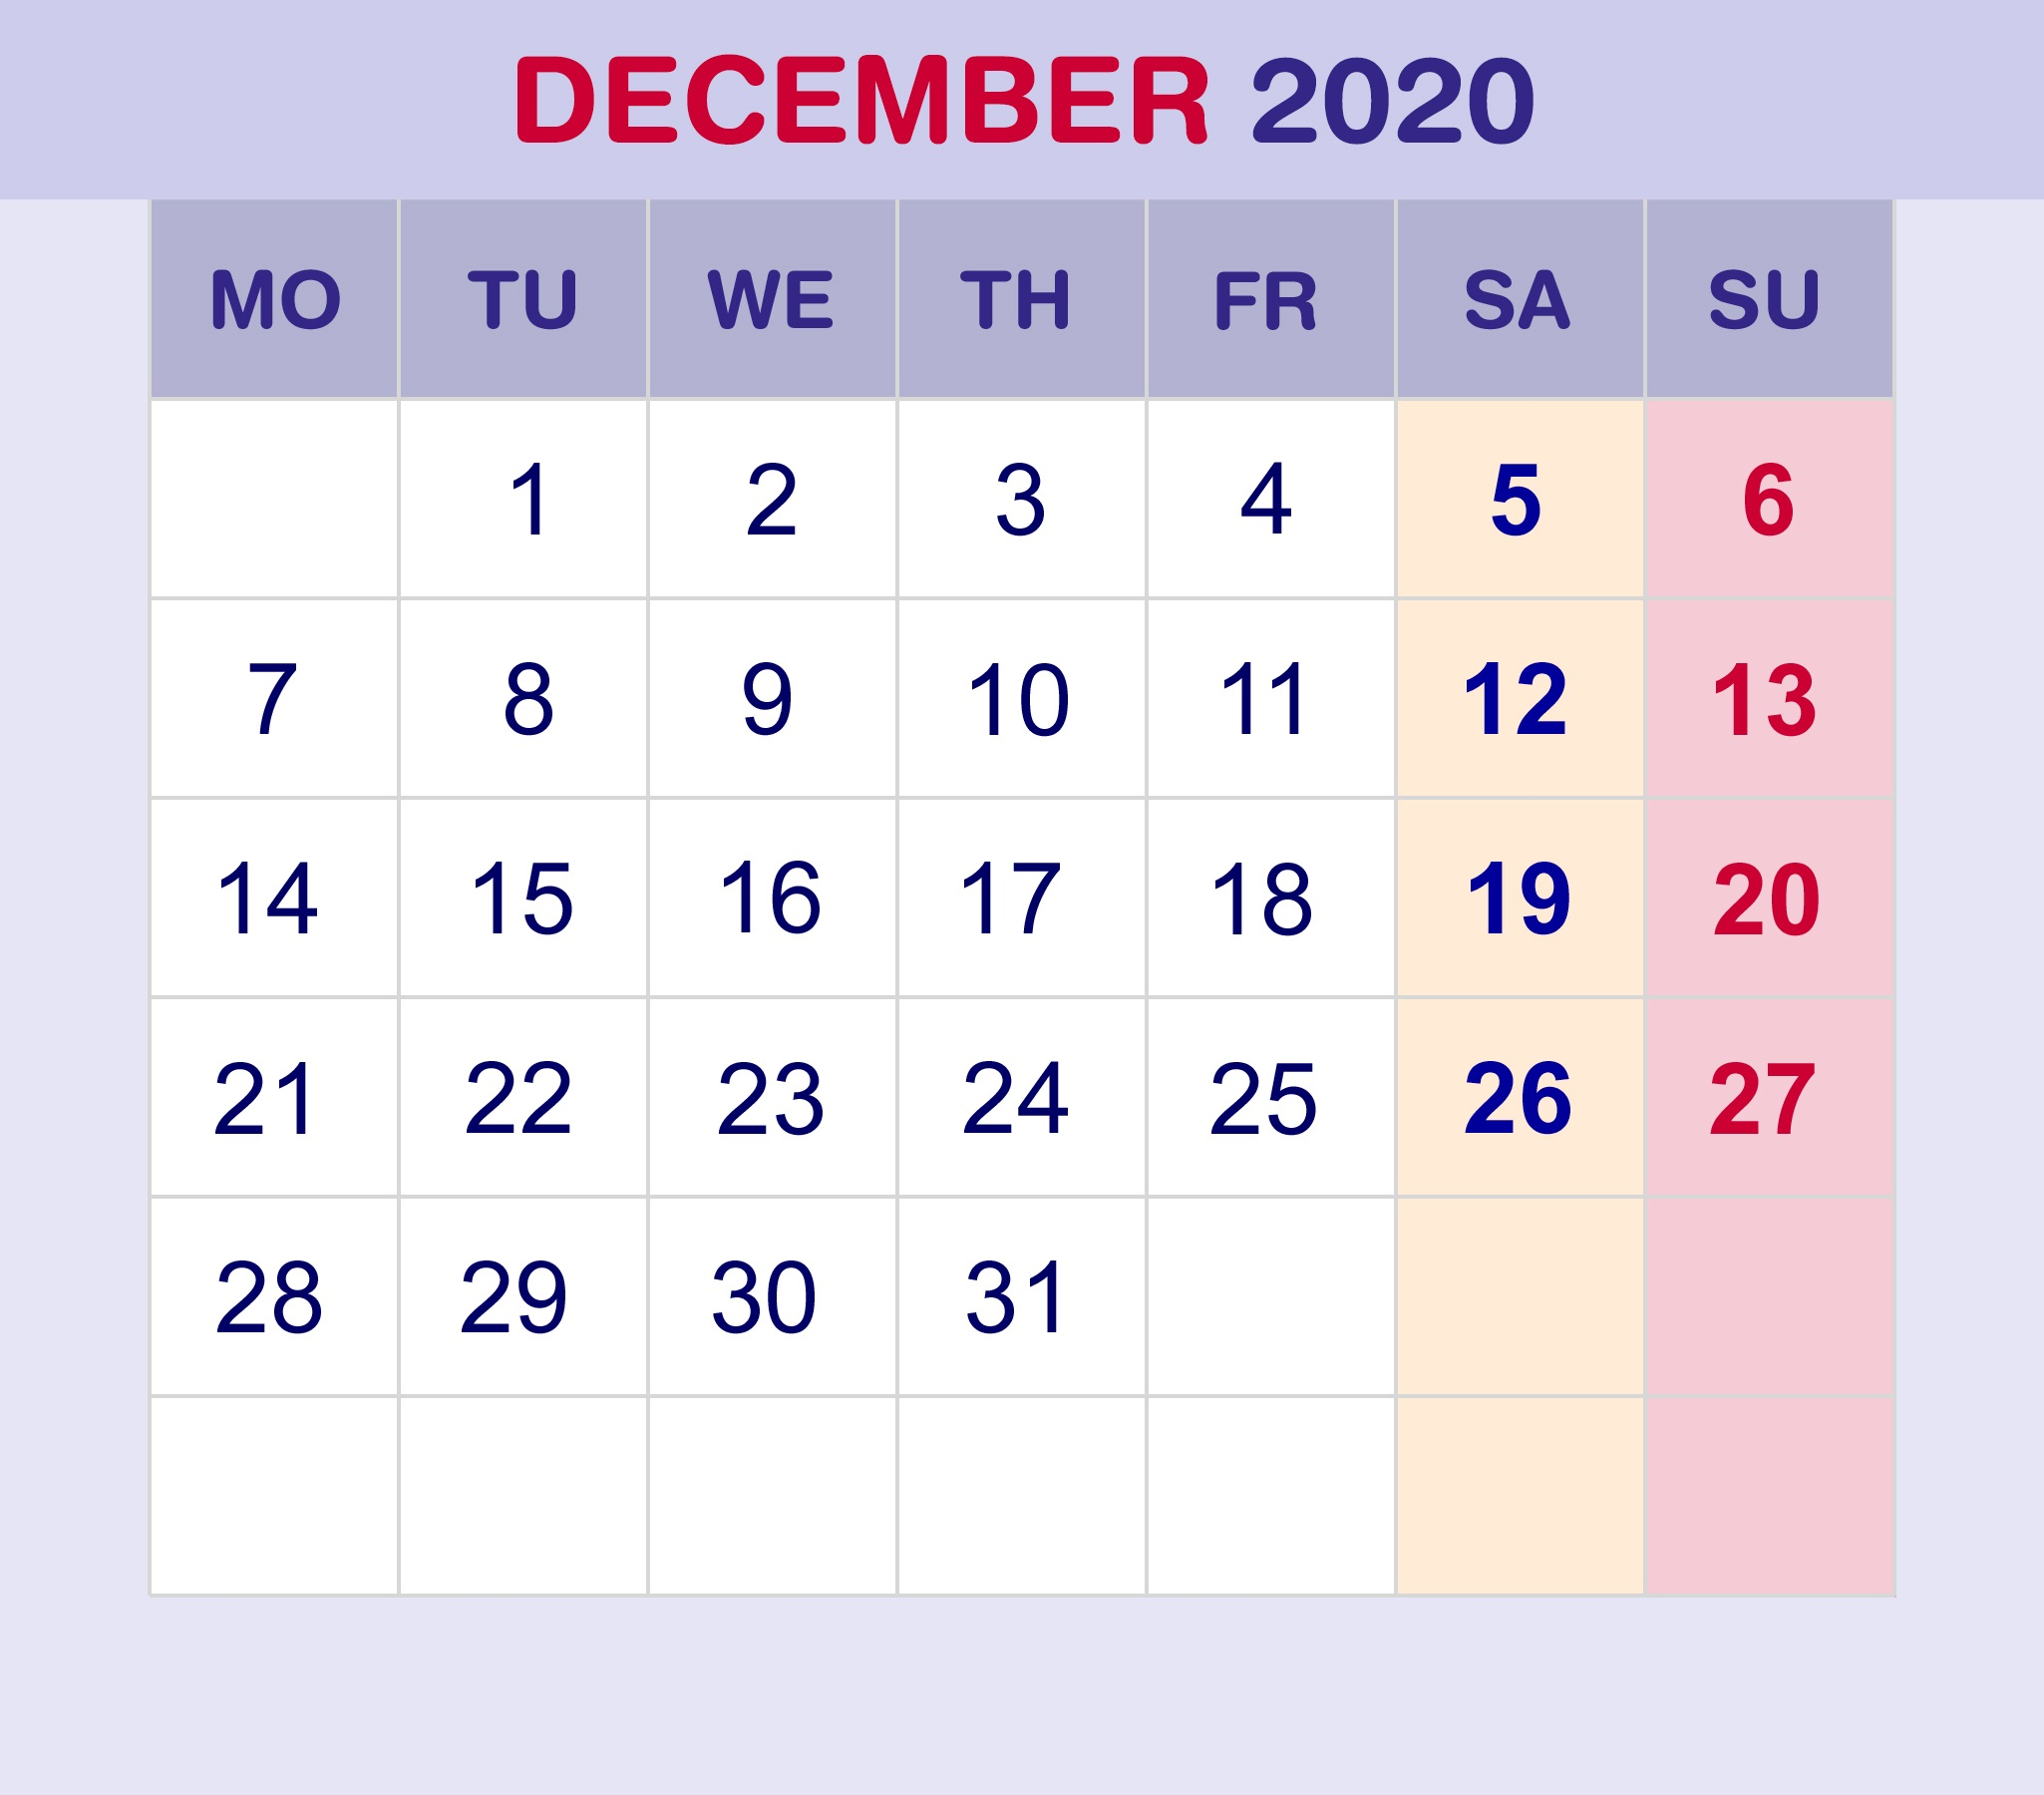 Calendar for December 2020